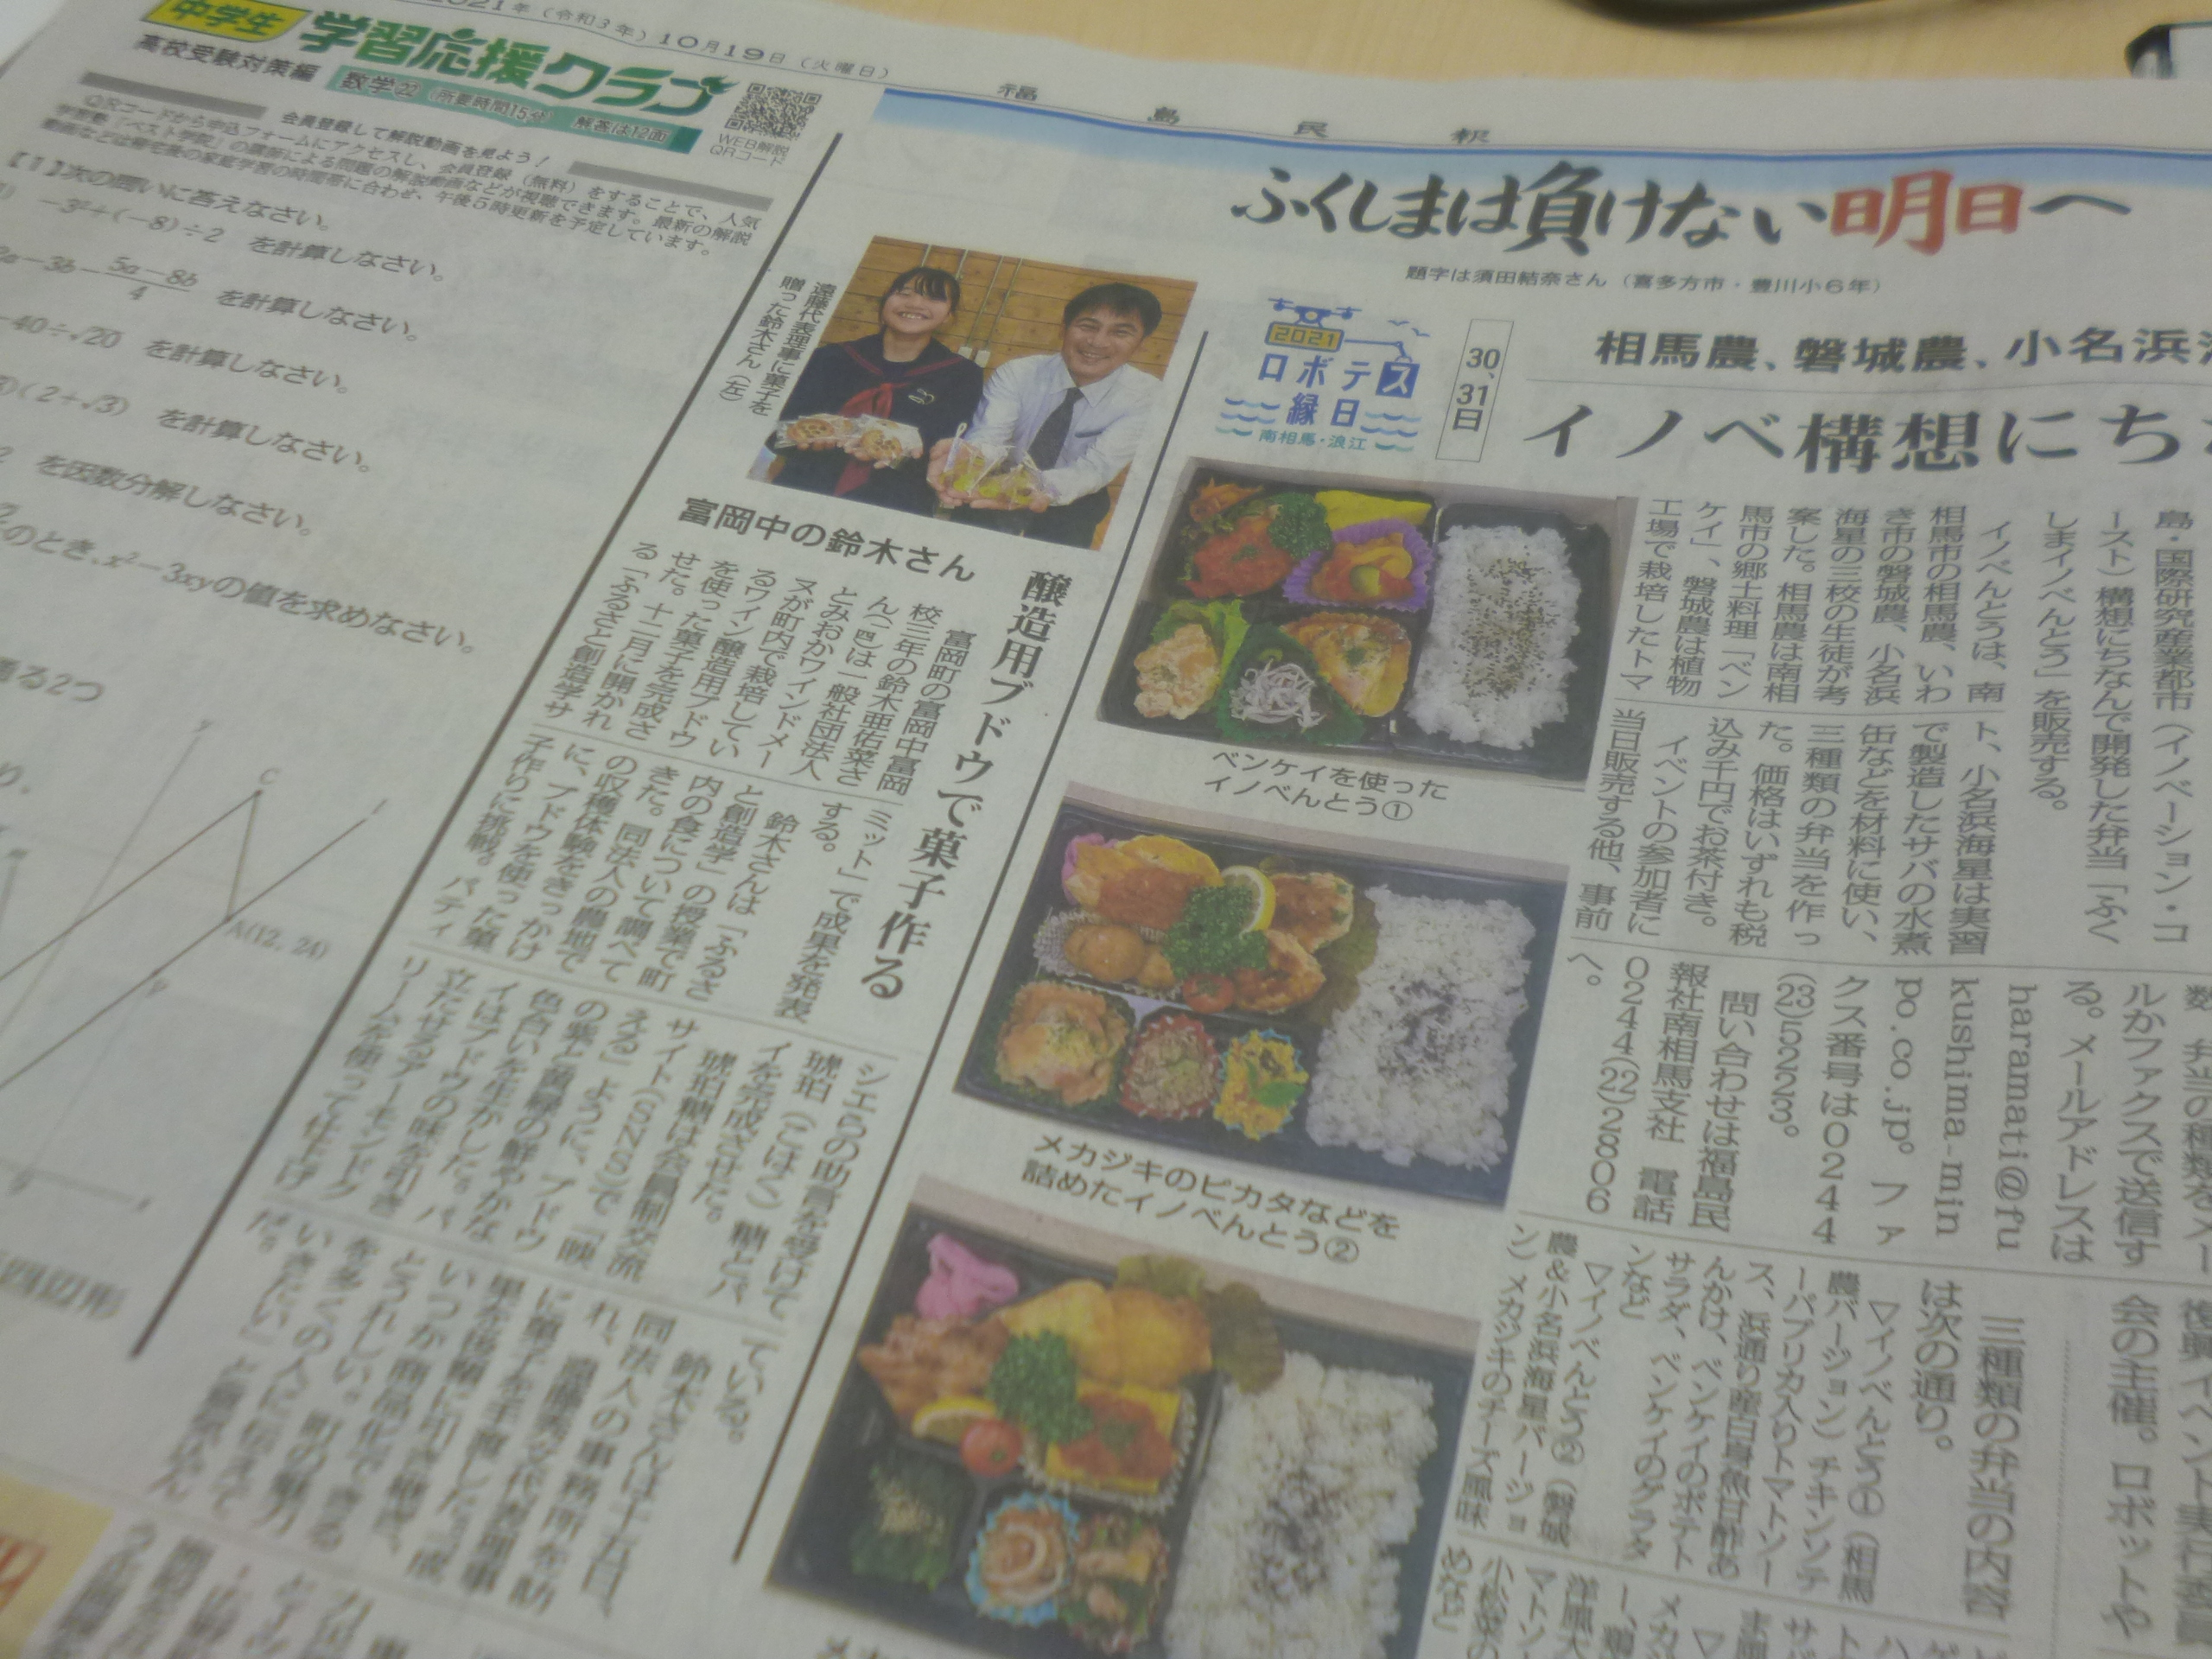 【メディア掲載】富岡のブドウで作ったお菓子をいただきました。の画像